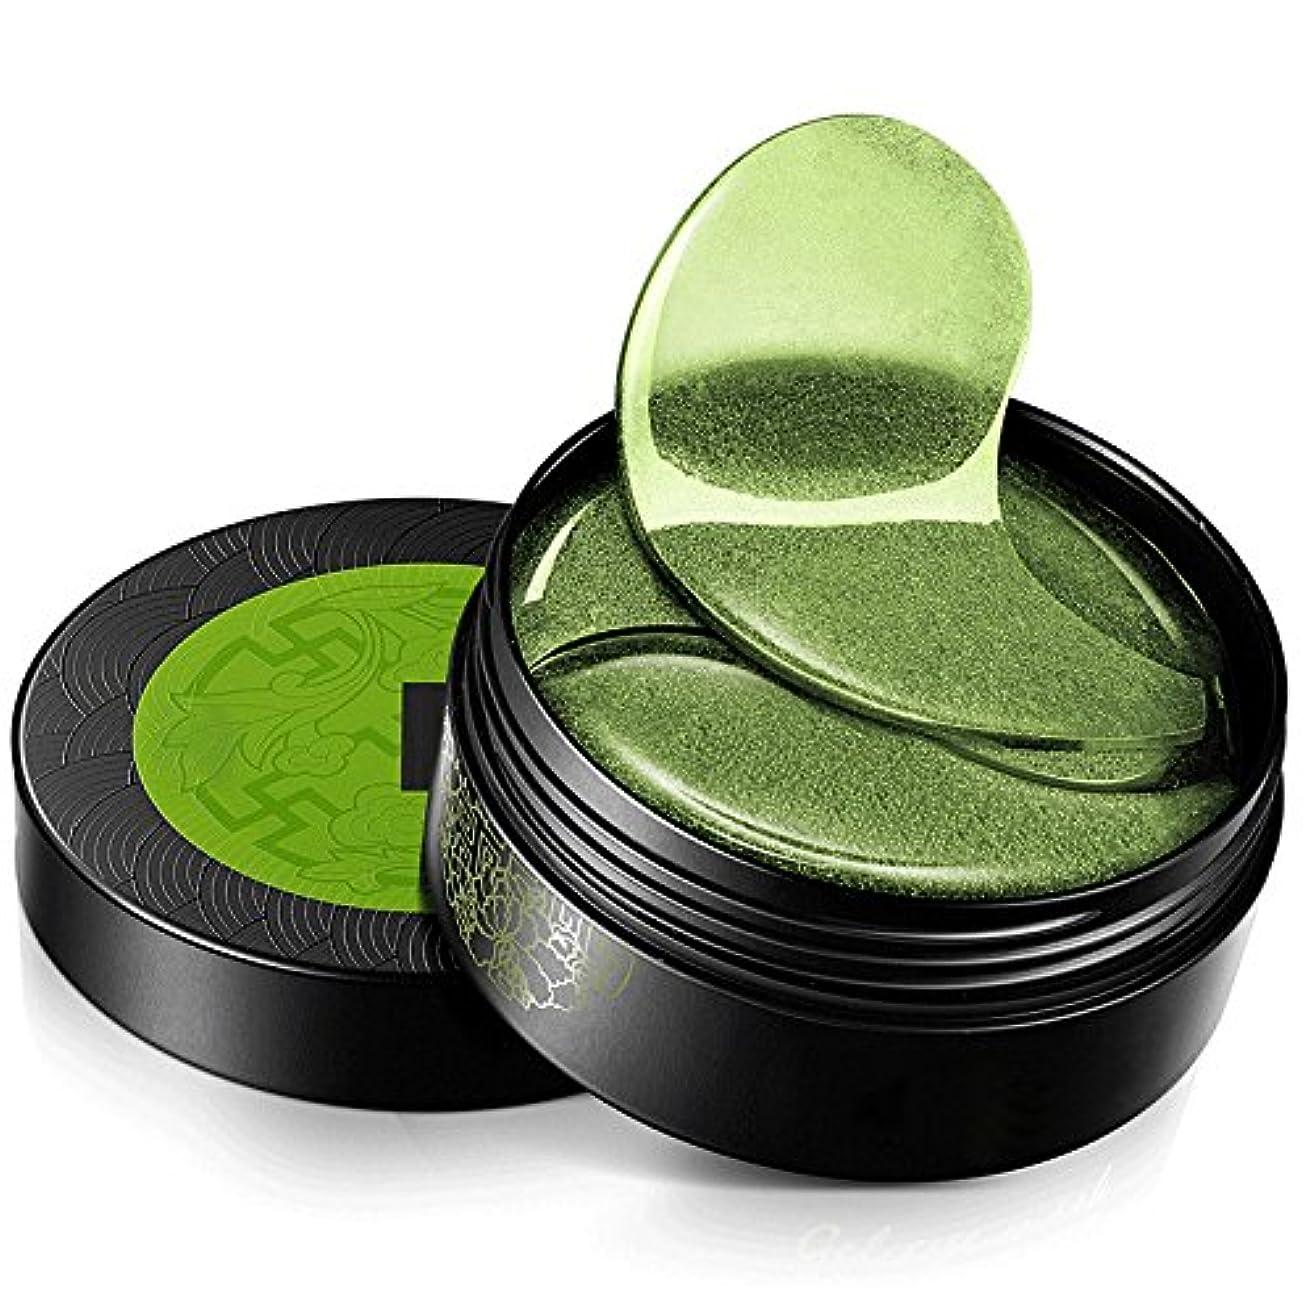 天窓担保ジョージハンブリーLULAA MEIKING 目元シート 目元パック 海藻成分 超浸透 潤い 保湿 しわ 浮腫 目くま ヒアルロン酸 天然 抗過敏 緑